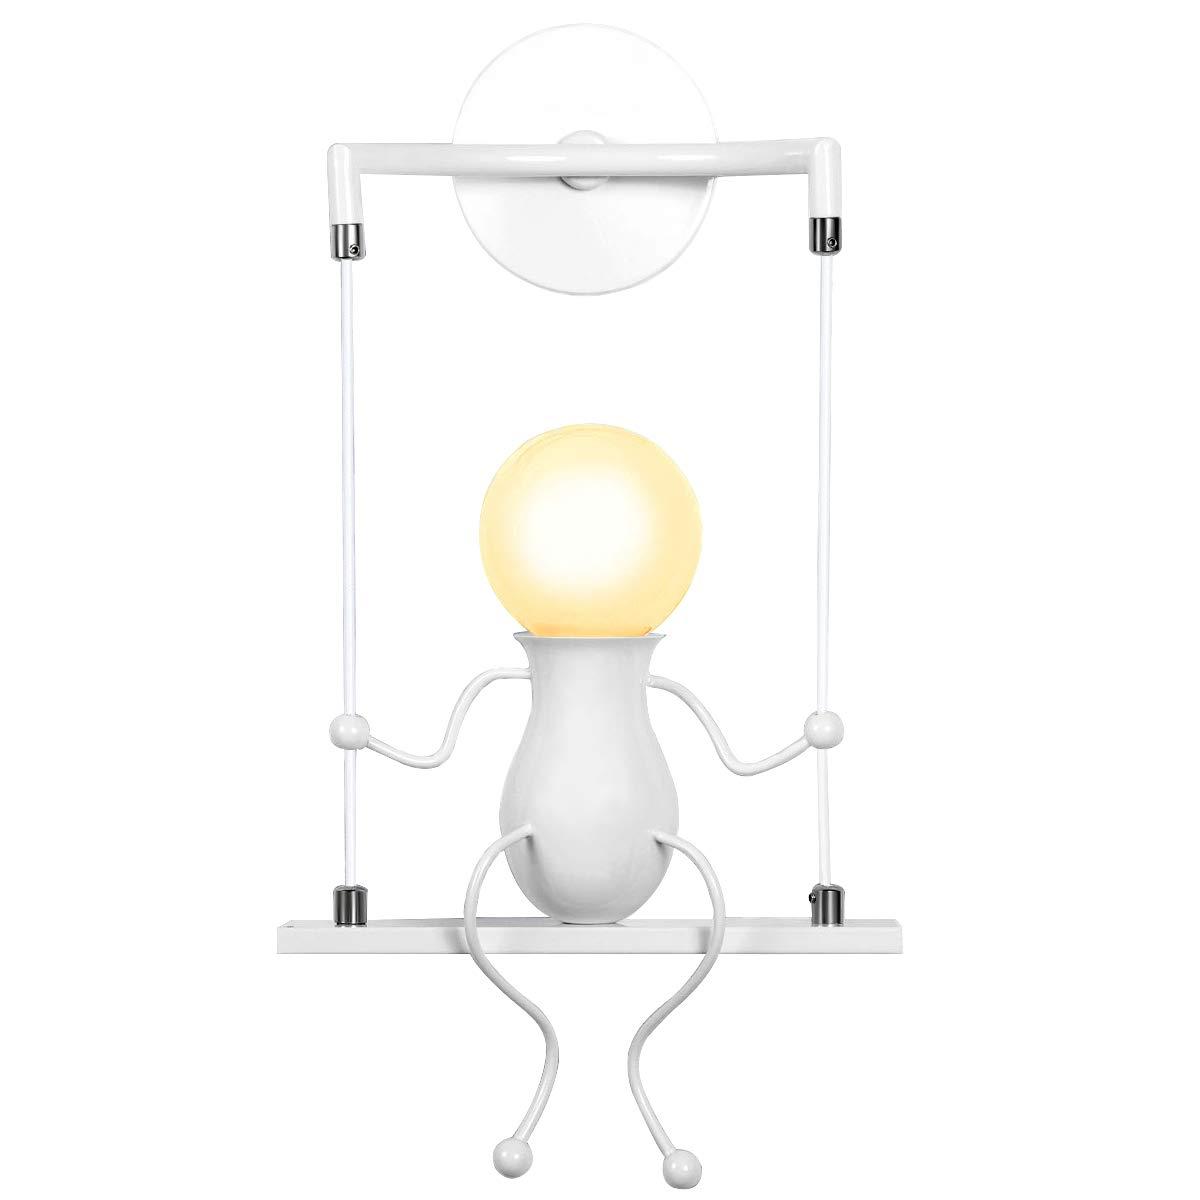 KAWELL Humanoïde Créatif Lampe Murale LED Moderne Applique Murale Simple LED Lampe de Mur Art Déco Max 60W E27 Base Fer Titulaire pour Chambre D'enfant, Chambre à Coucher Chevet, Escalier, Couloir, Restaurant, Cuisine, Swing Blanc x1 [Classe énergétique A+